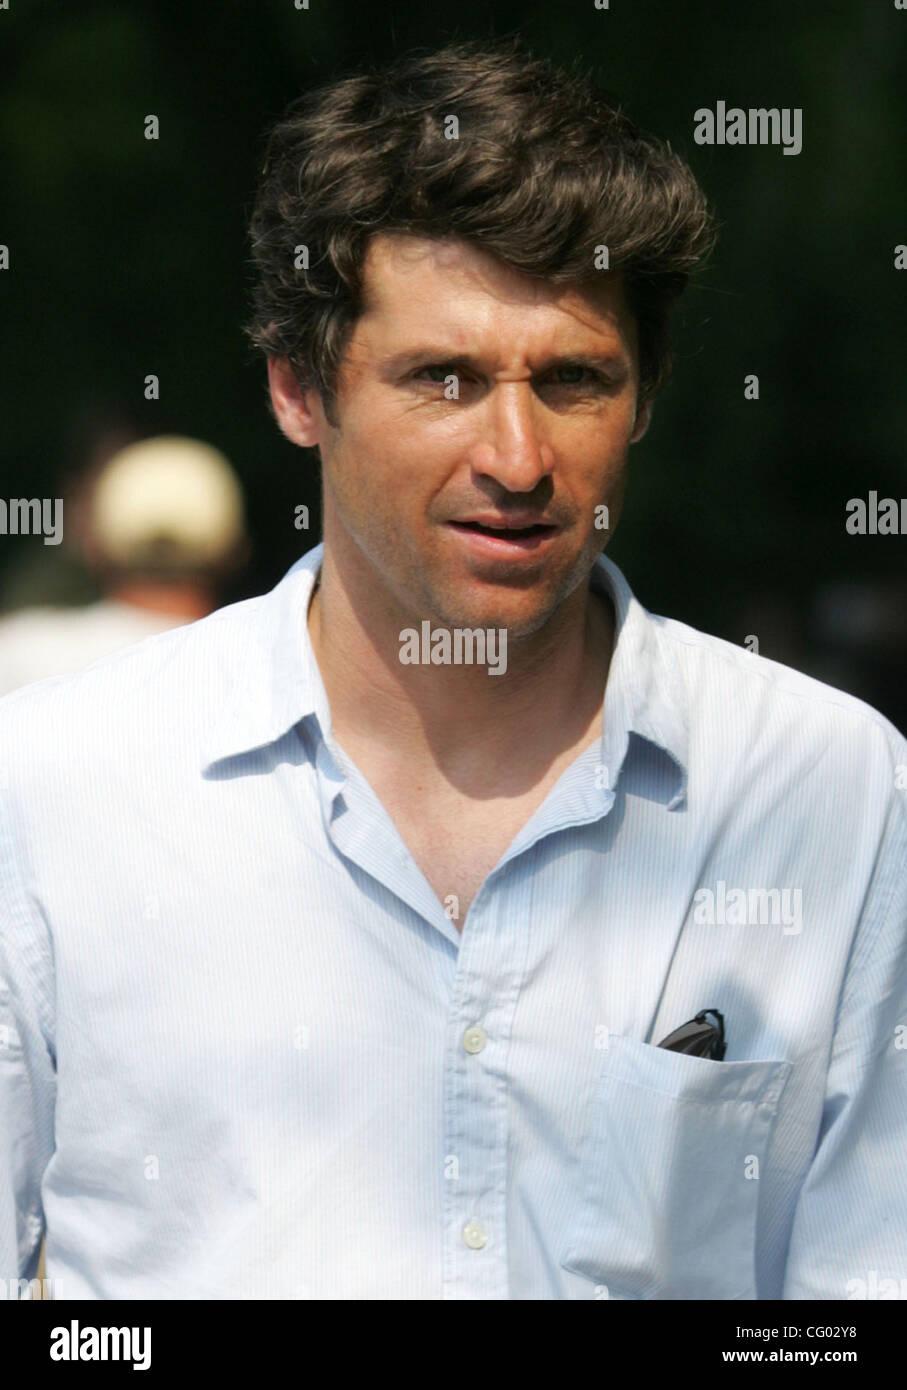 Jun 08, 2007 - New York, NY, USA - Actor PATRICK DEMPSEY